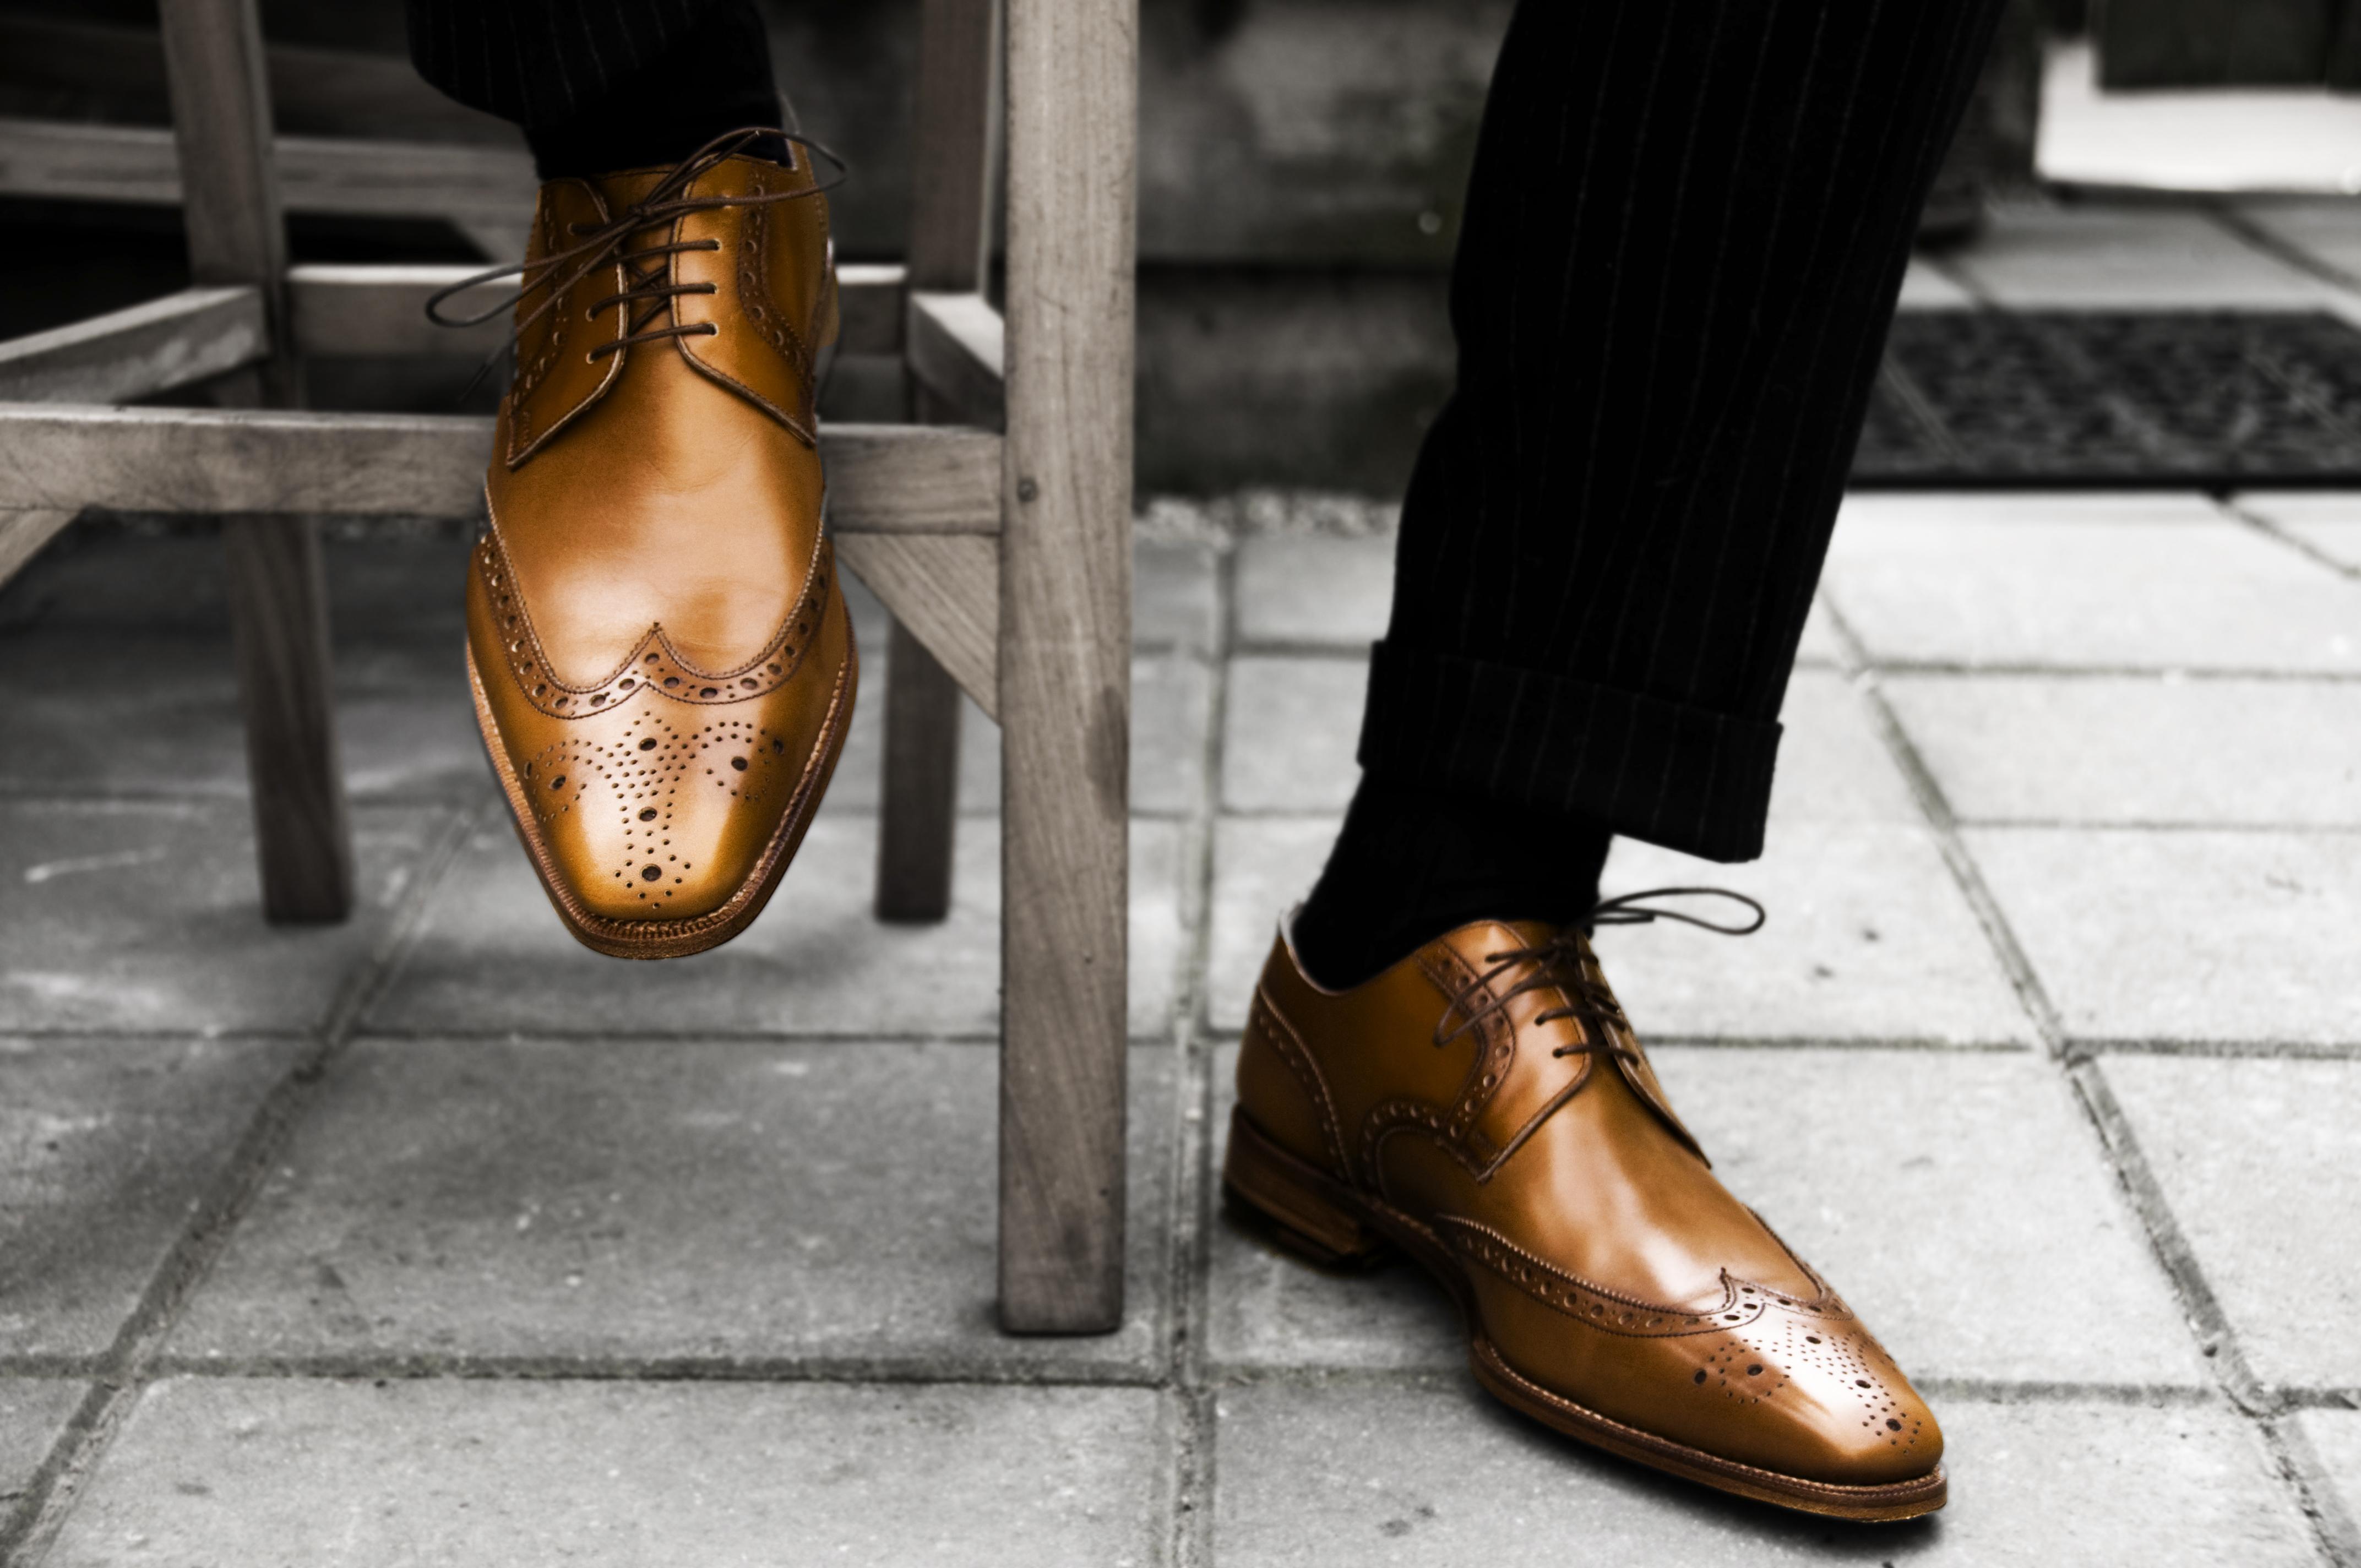 Dale's Shoes